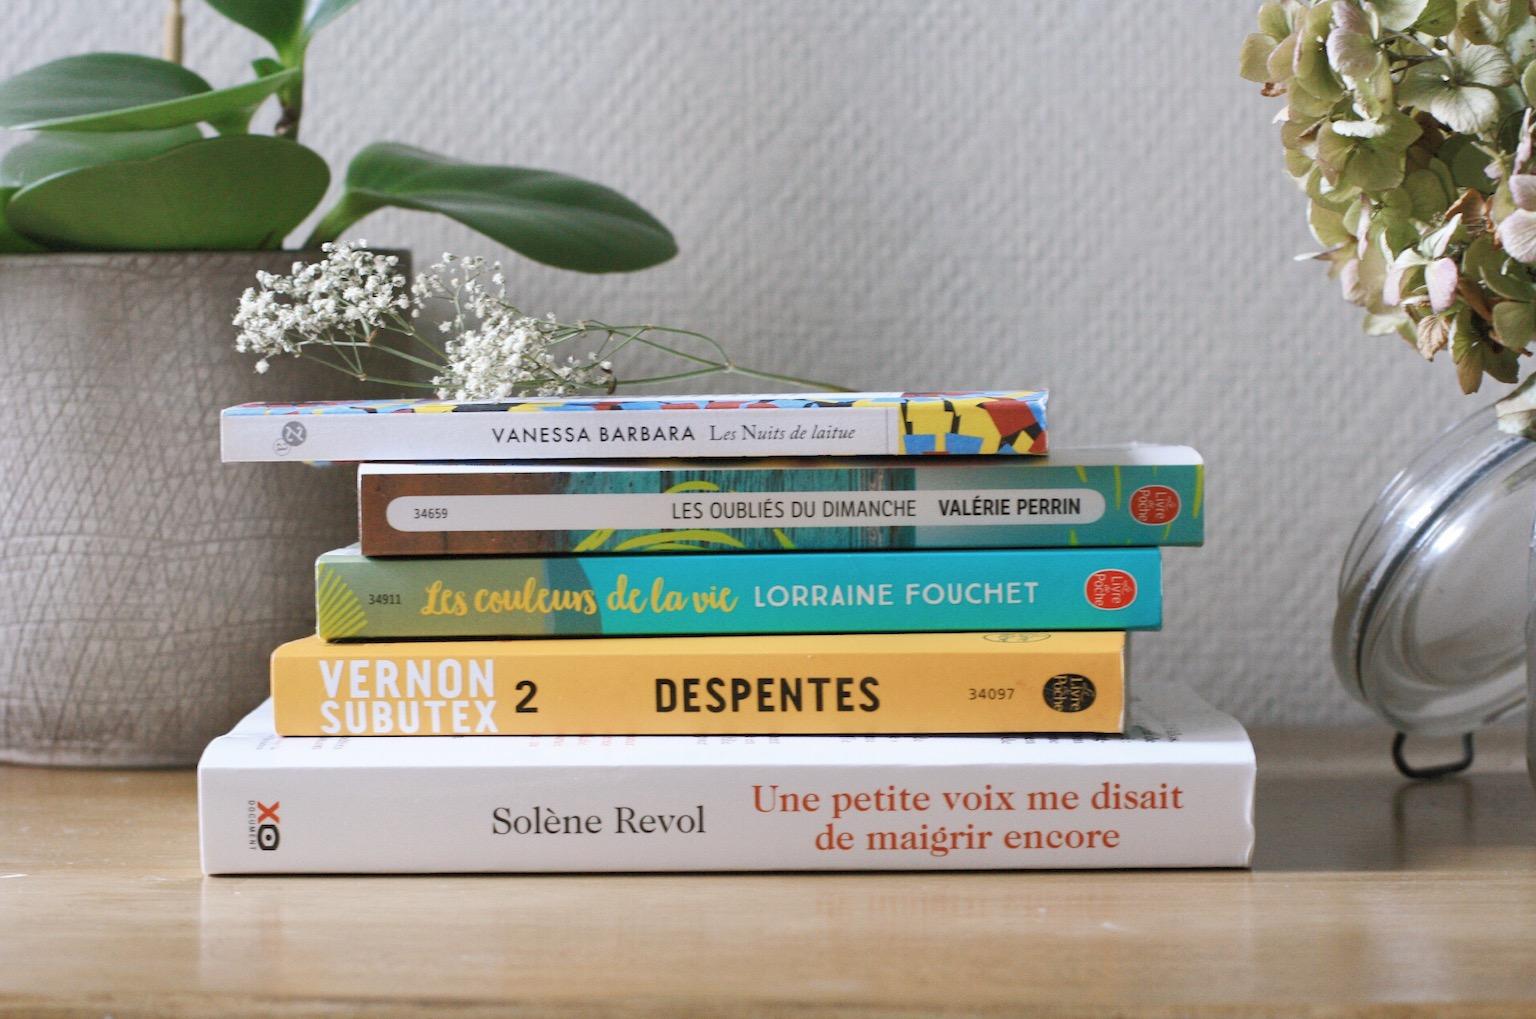 que lire en mai 2018 conseils de lecture, liste de livres a lire pile a lire